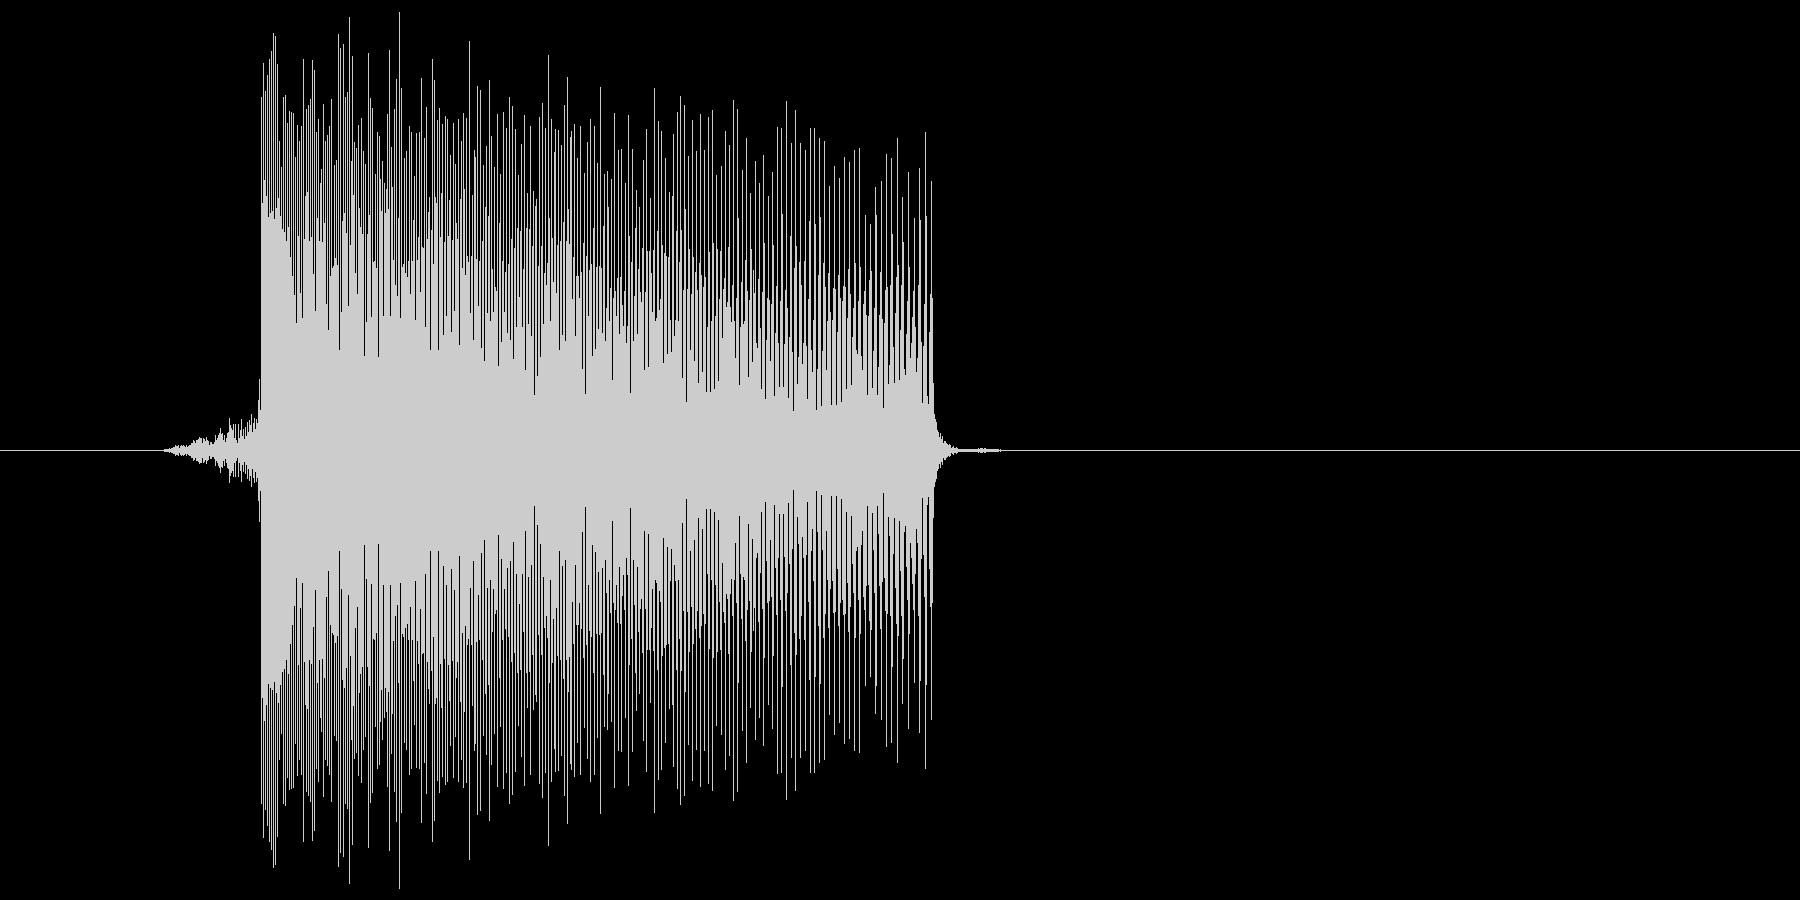 ゲーム(ファミコン風)レーザー音_026の未再生の波形